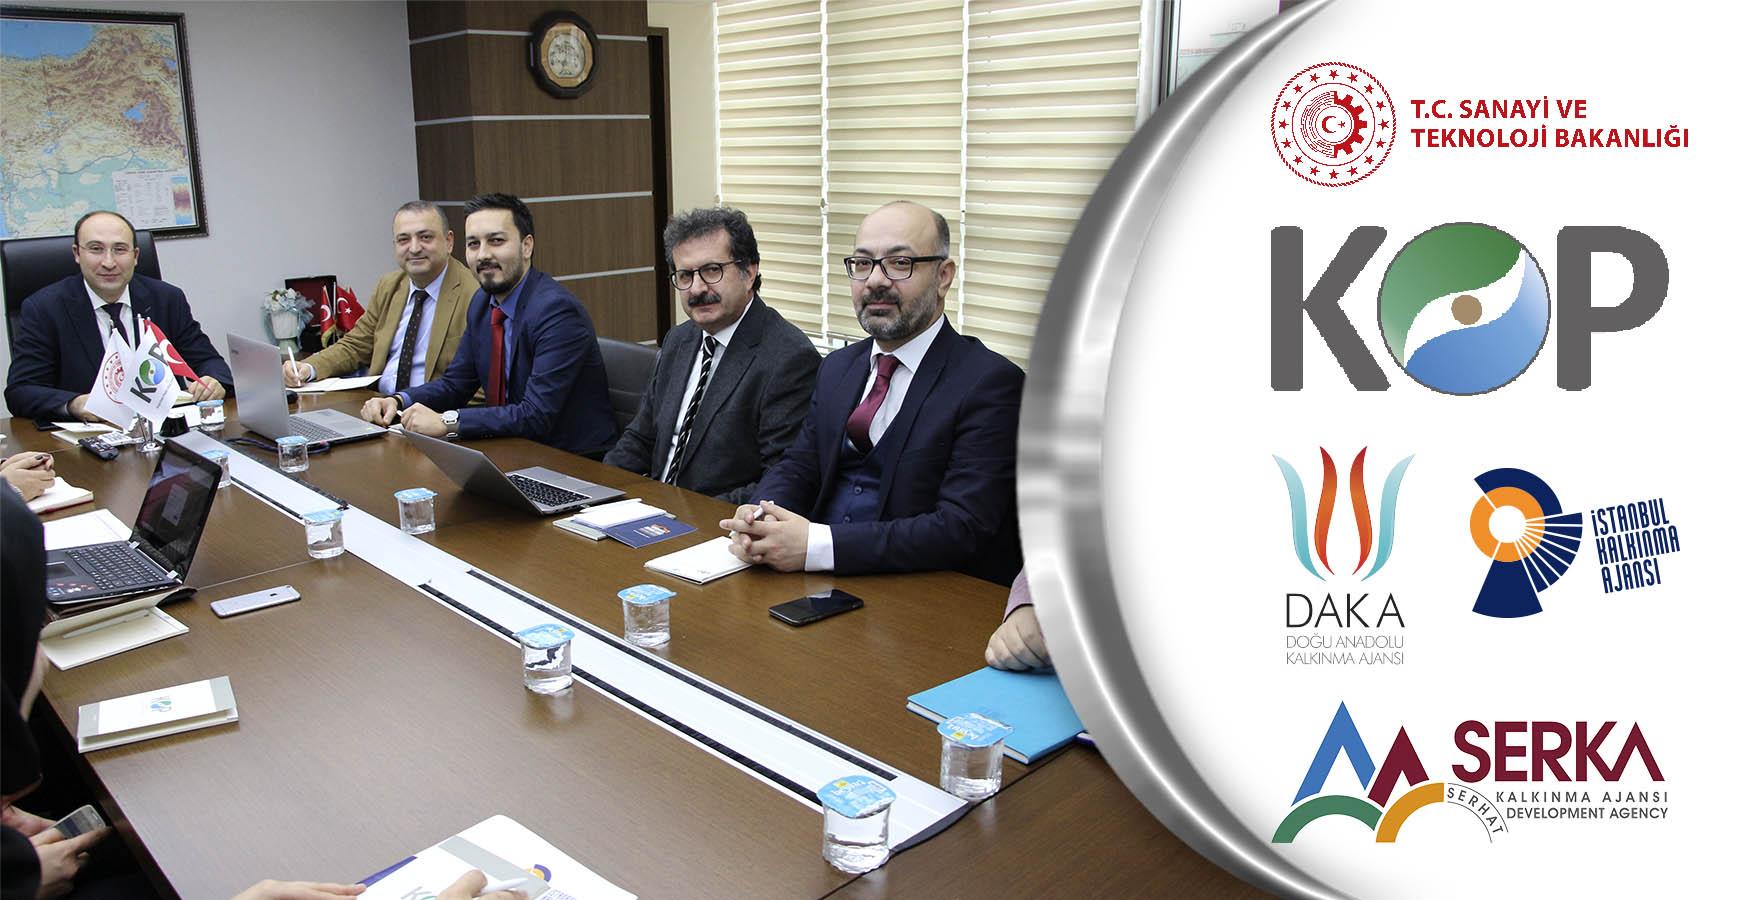 BKİ ve Kalkınma Ajansları Eşleştirme Toplantısının İkincisi KOP'ta Yapıldı